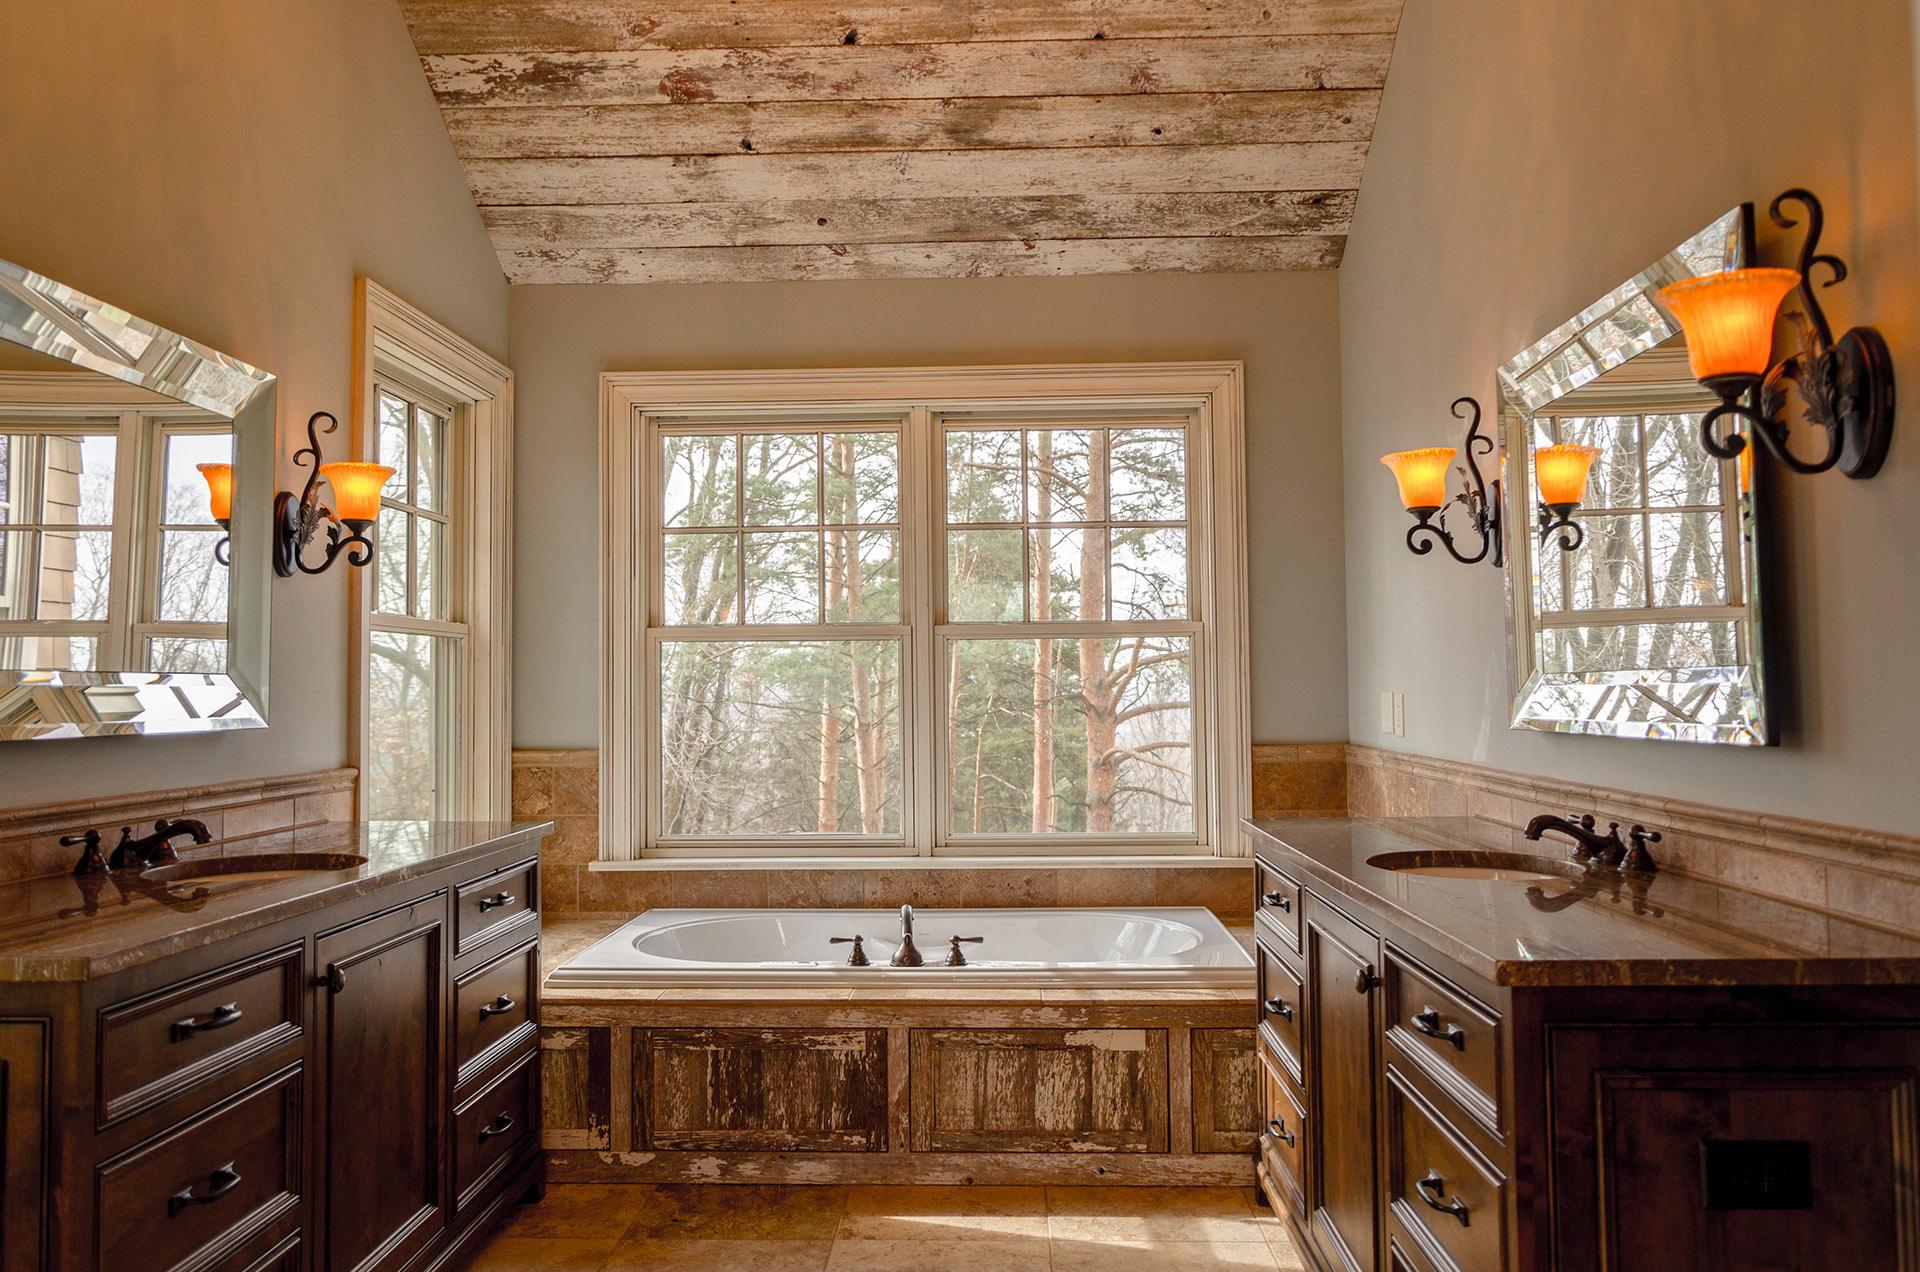 baie elegantă